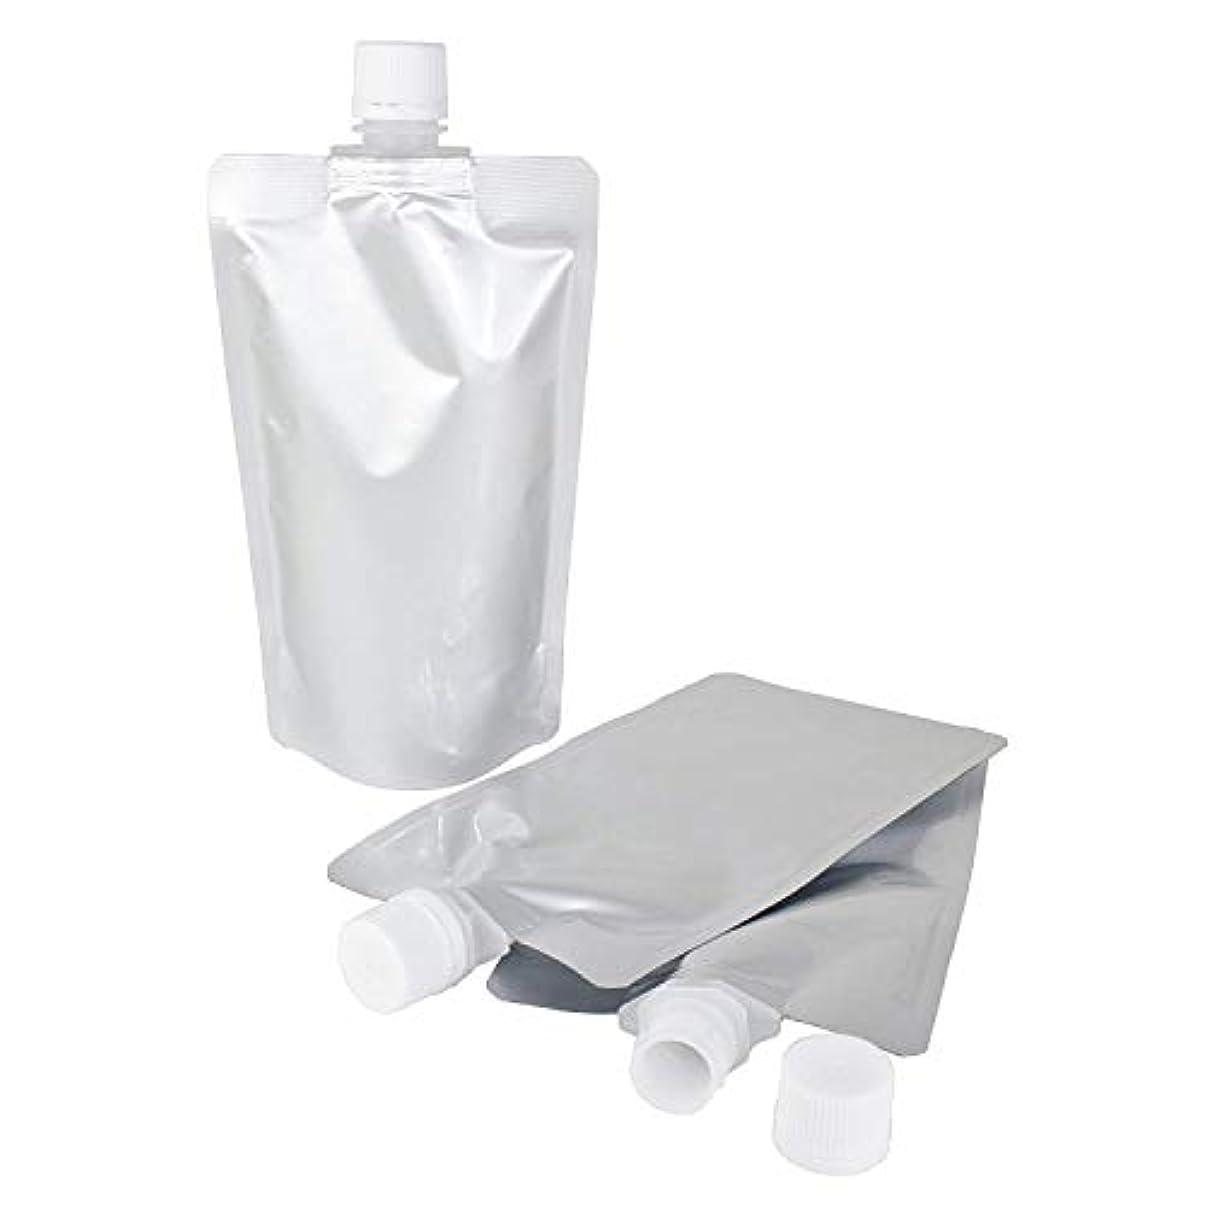 抑圧する側溝ミリメートルキャップ付 アルミガゼット スタンド 袋 300ml 3袋セット